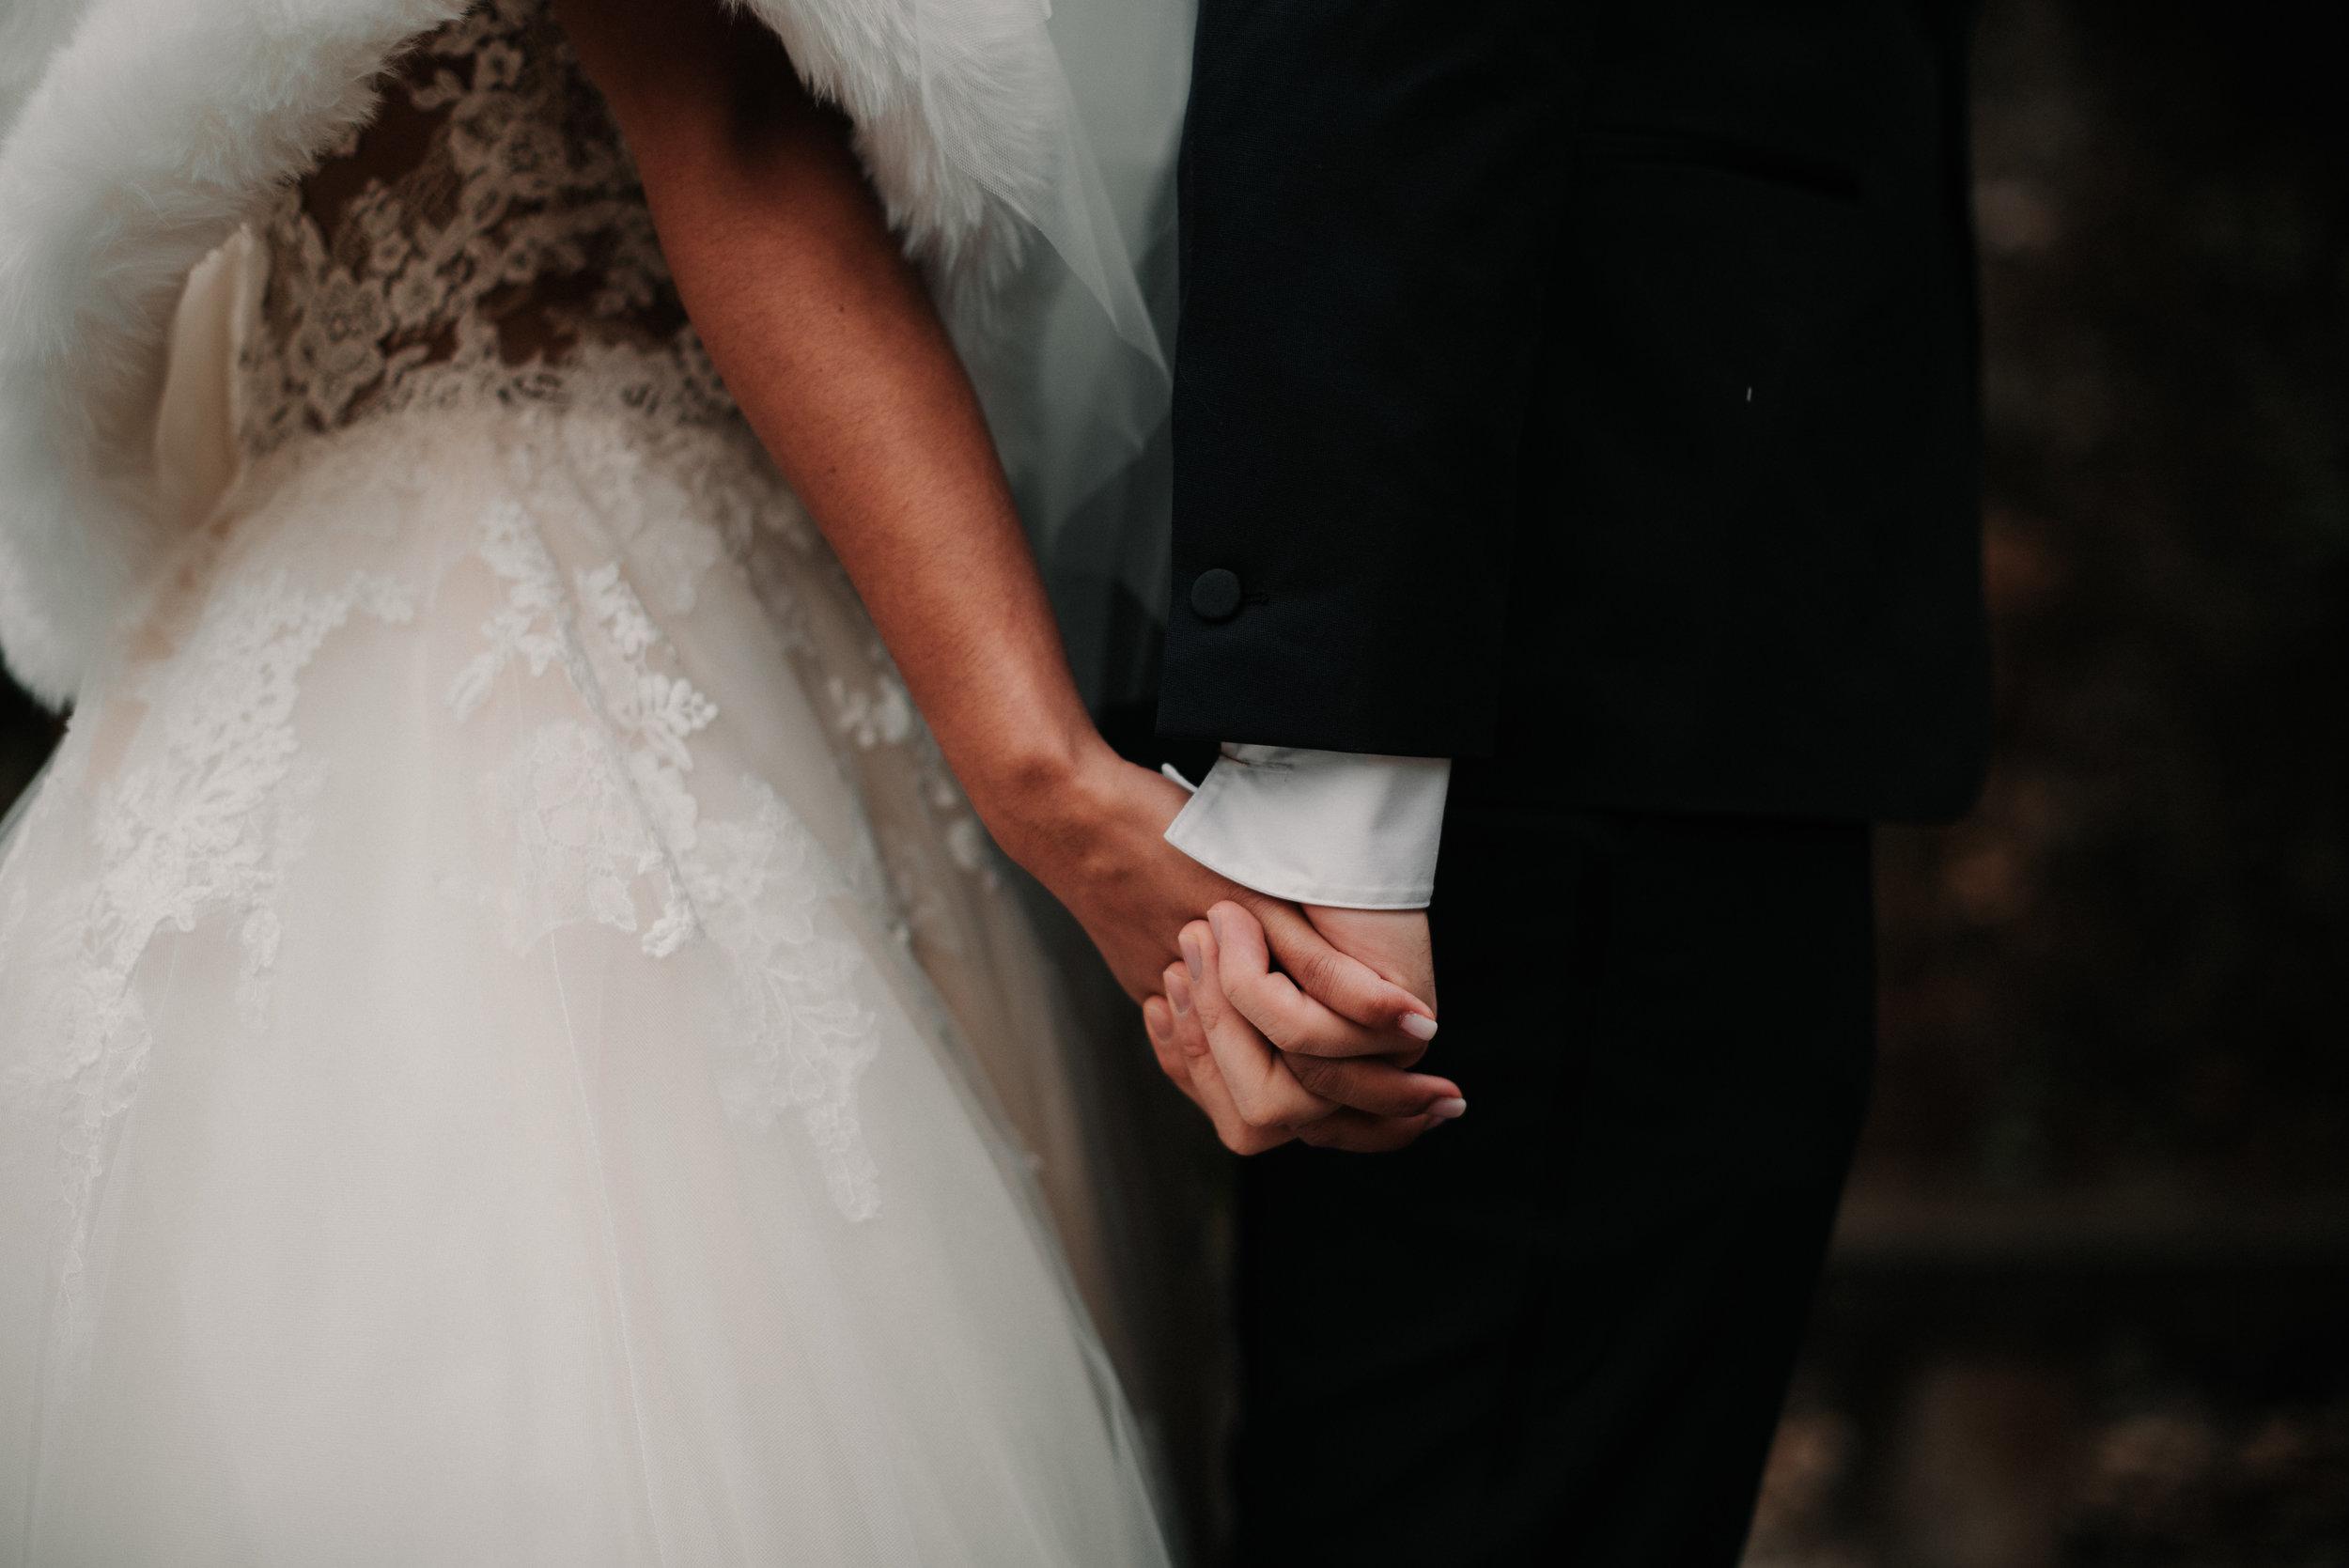 Léa-Fery-photographe-professionnel-lyon-rhone-alpes-portrait-creation-mariage-evenement-evenementiel-famille-6886.jpg